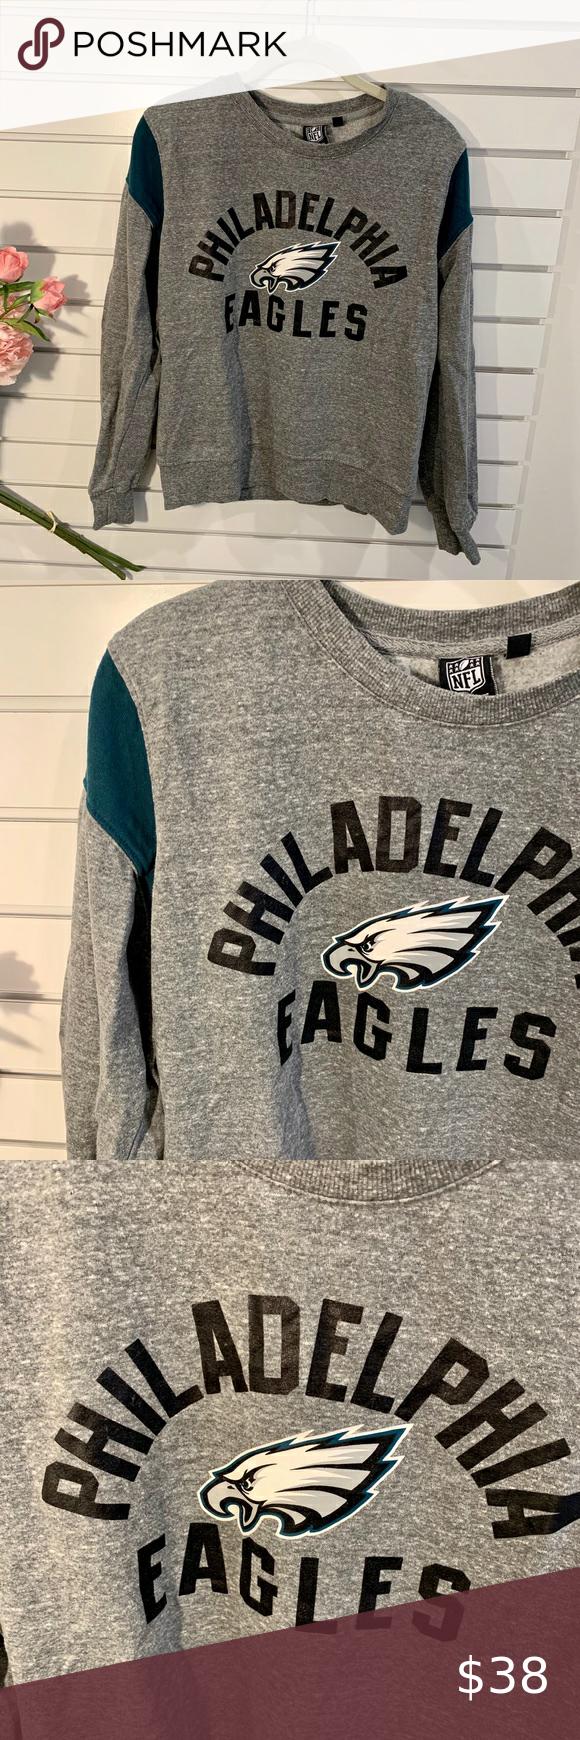 Nfl Philadelphia Eagles Sweatshirt Eagles Sweatshirt Sweatshirts Sweatshirt Tops [ 1740 x 580 Pixel ]